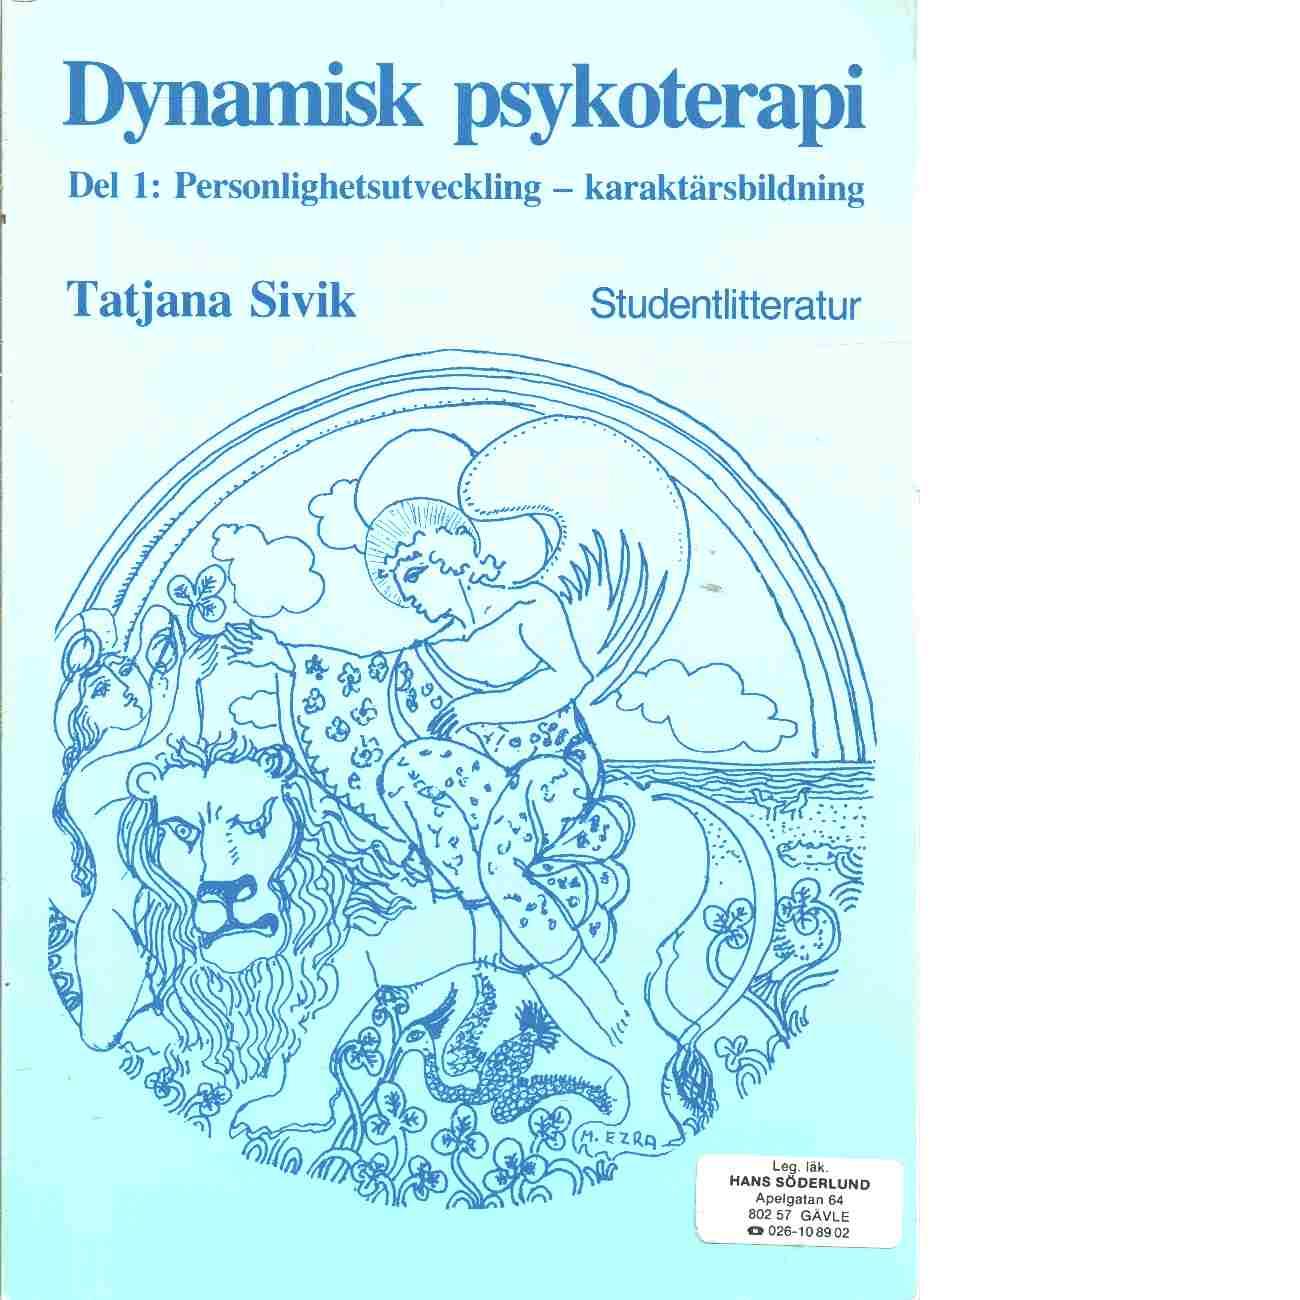 Dynamisk psykoterapi. D. 1, Personlighetsutveckling, karaktärsbildning - Sivik, Tatjana